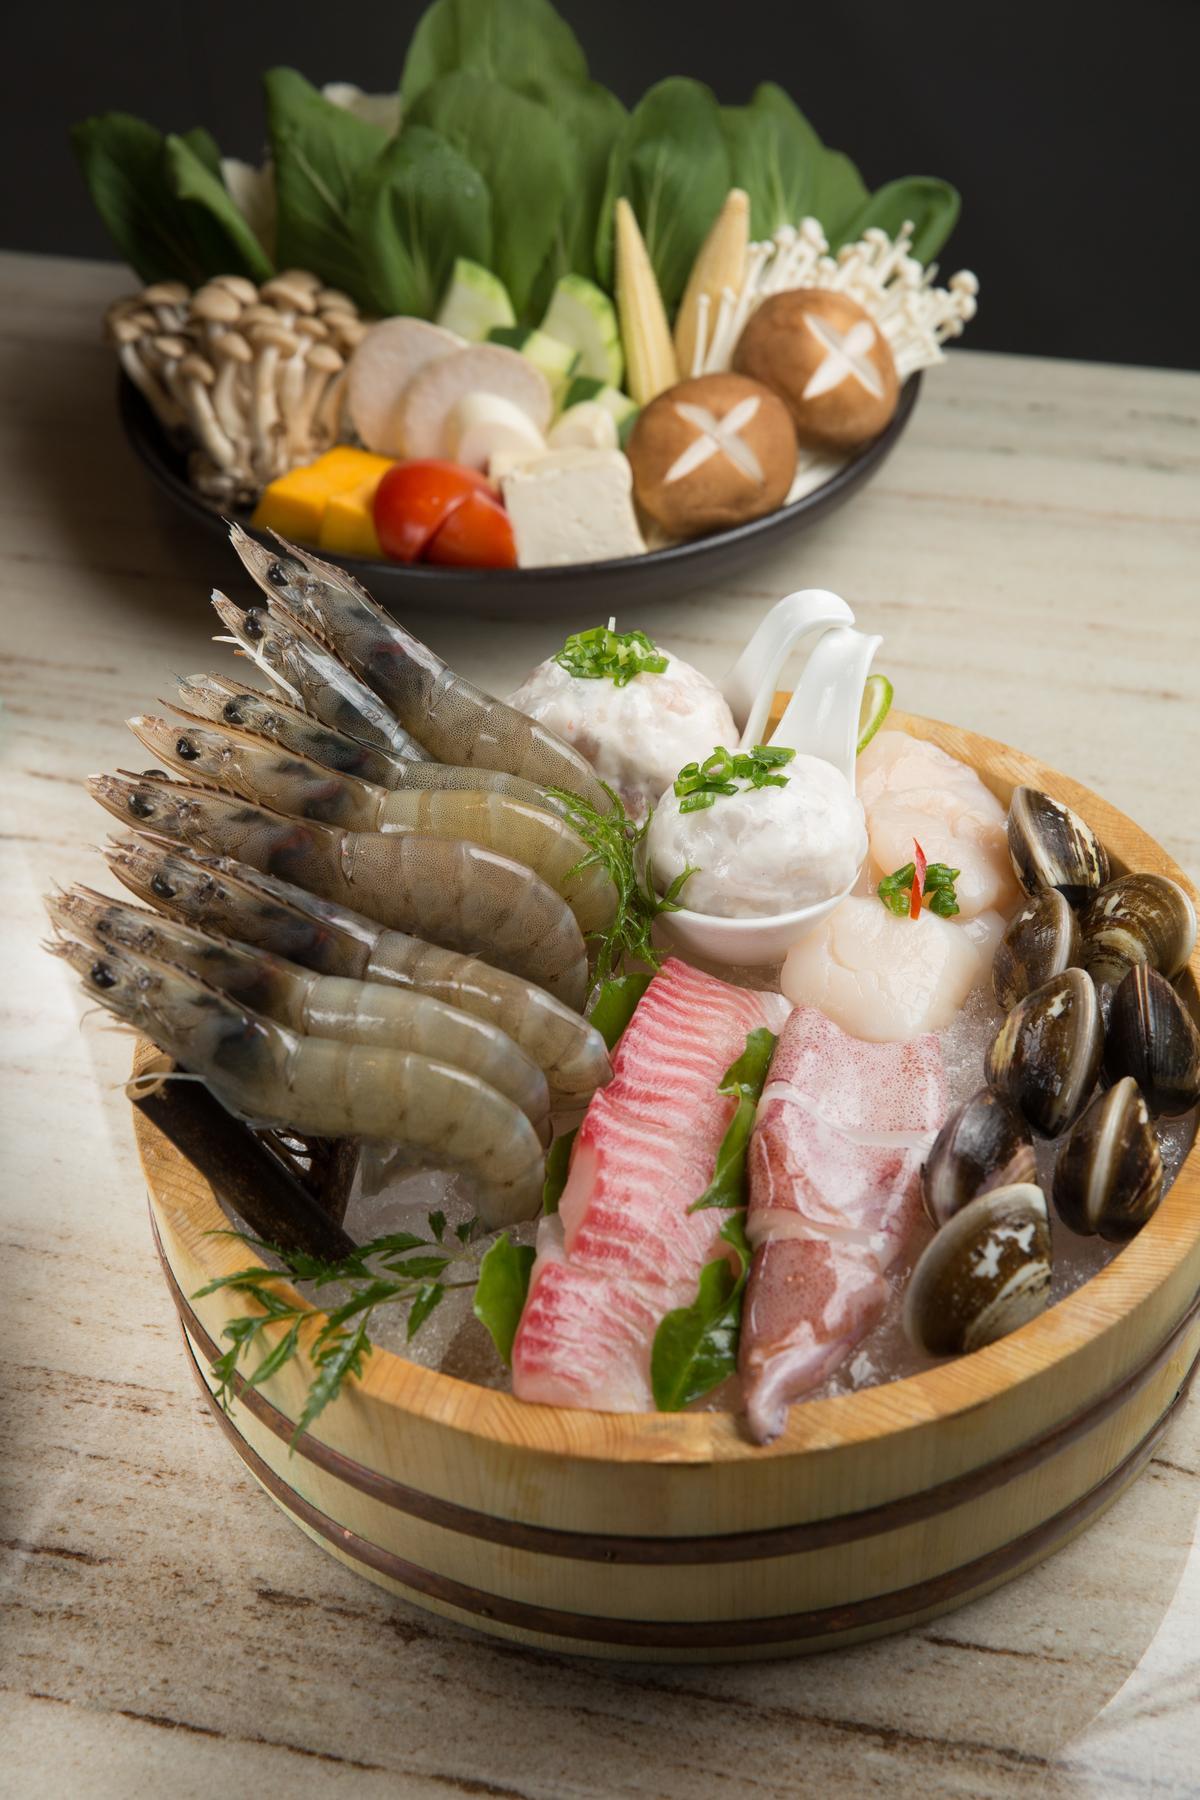 海鮮盤裡有精選白蝦、澎湖小卷、蛤蠣與花枝滑、鮮蝦滑,澎湃豐富。(海陸雙人套餐3,280元,附海鮮盤和綜合蔬菜盤)